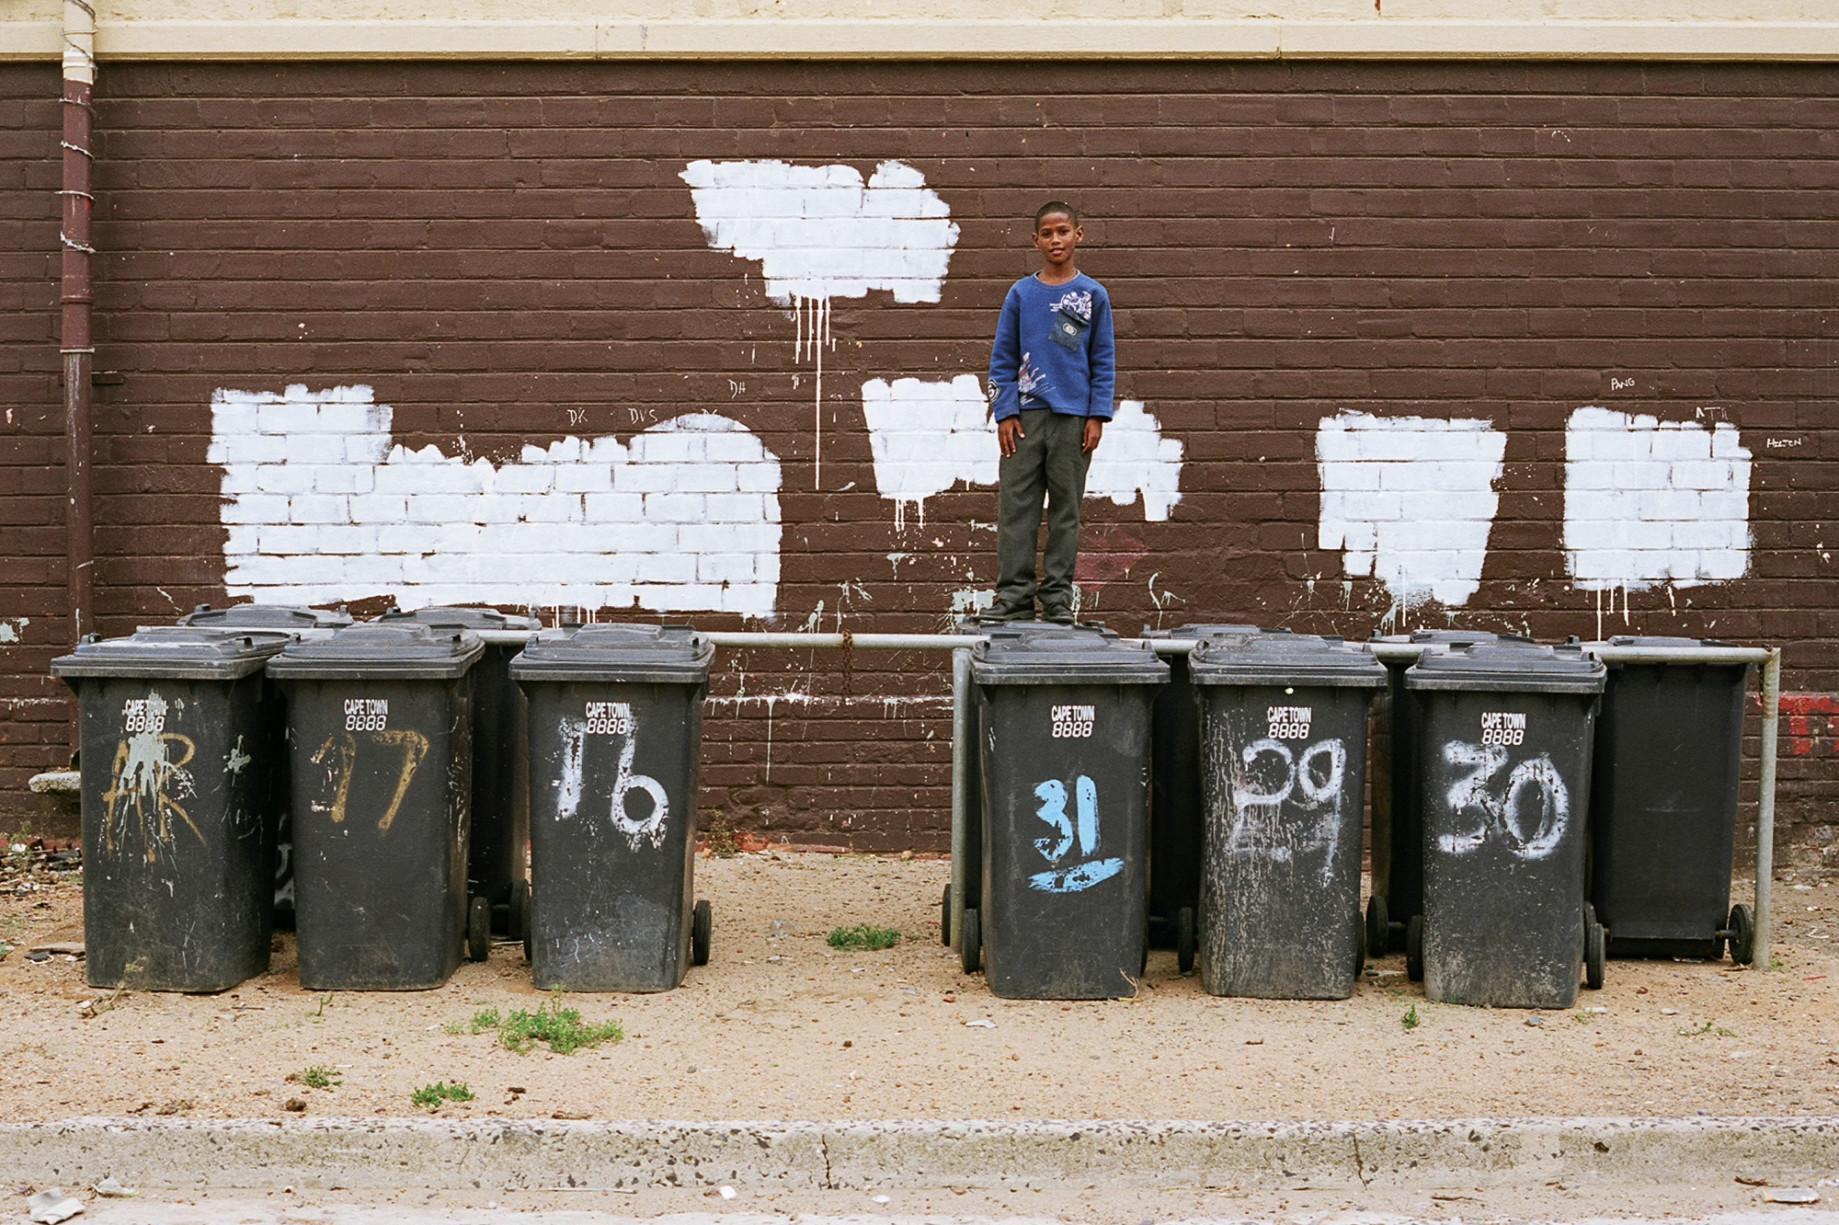 simonweller-gcuacademy-bins&boy